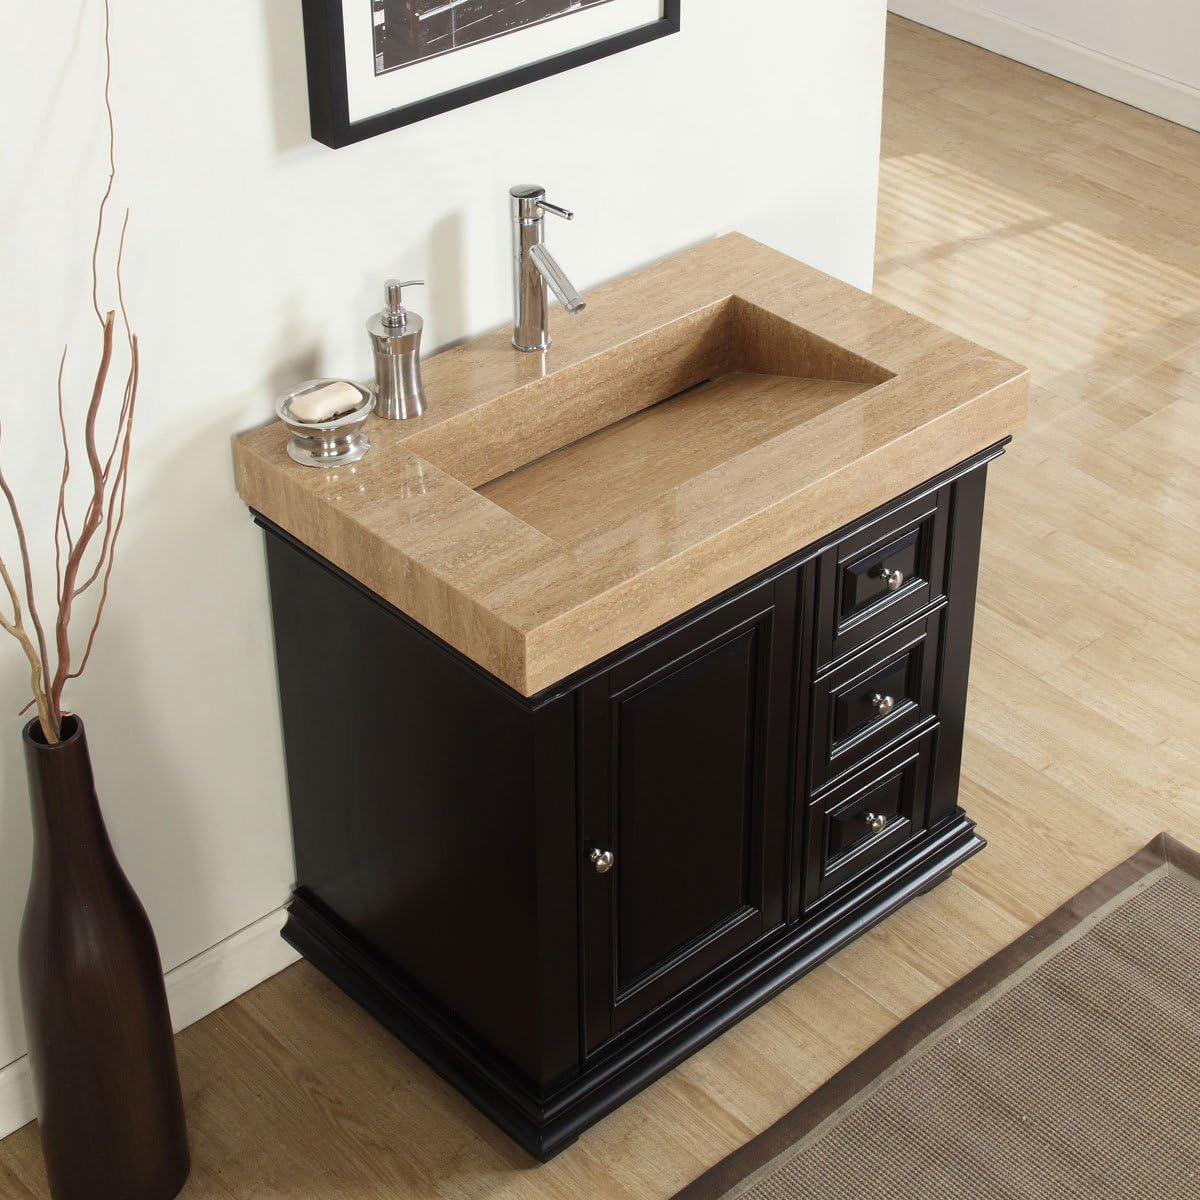 Silkroad Exclusive Bathroom Vanity Travertine Top Single Ramp Sink Left Cabinet 36 Amazon Ca Home Kitchen